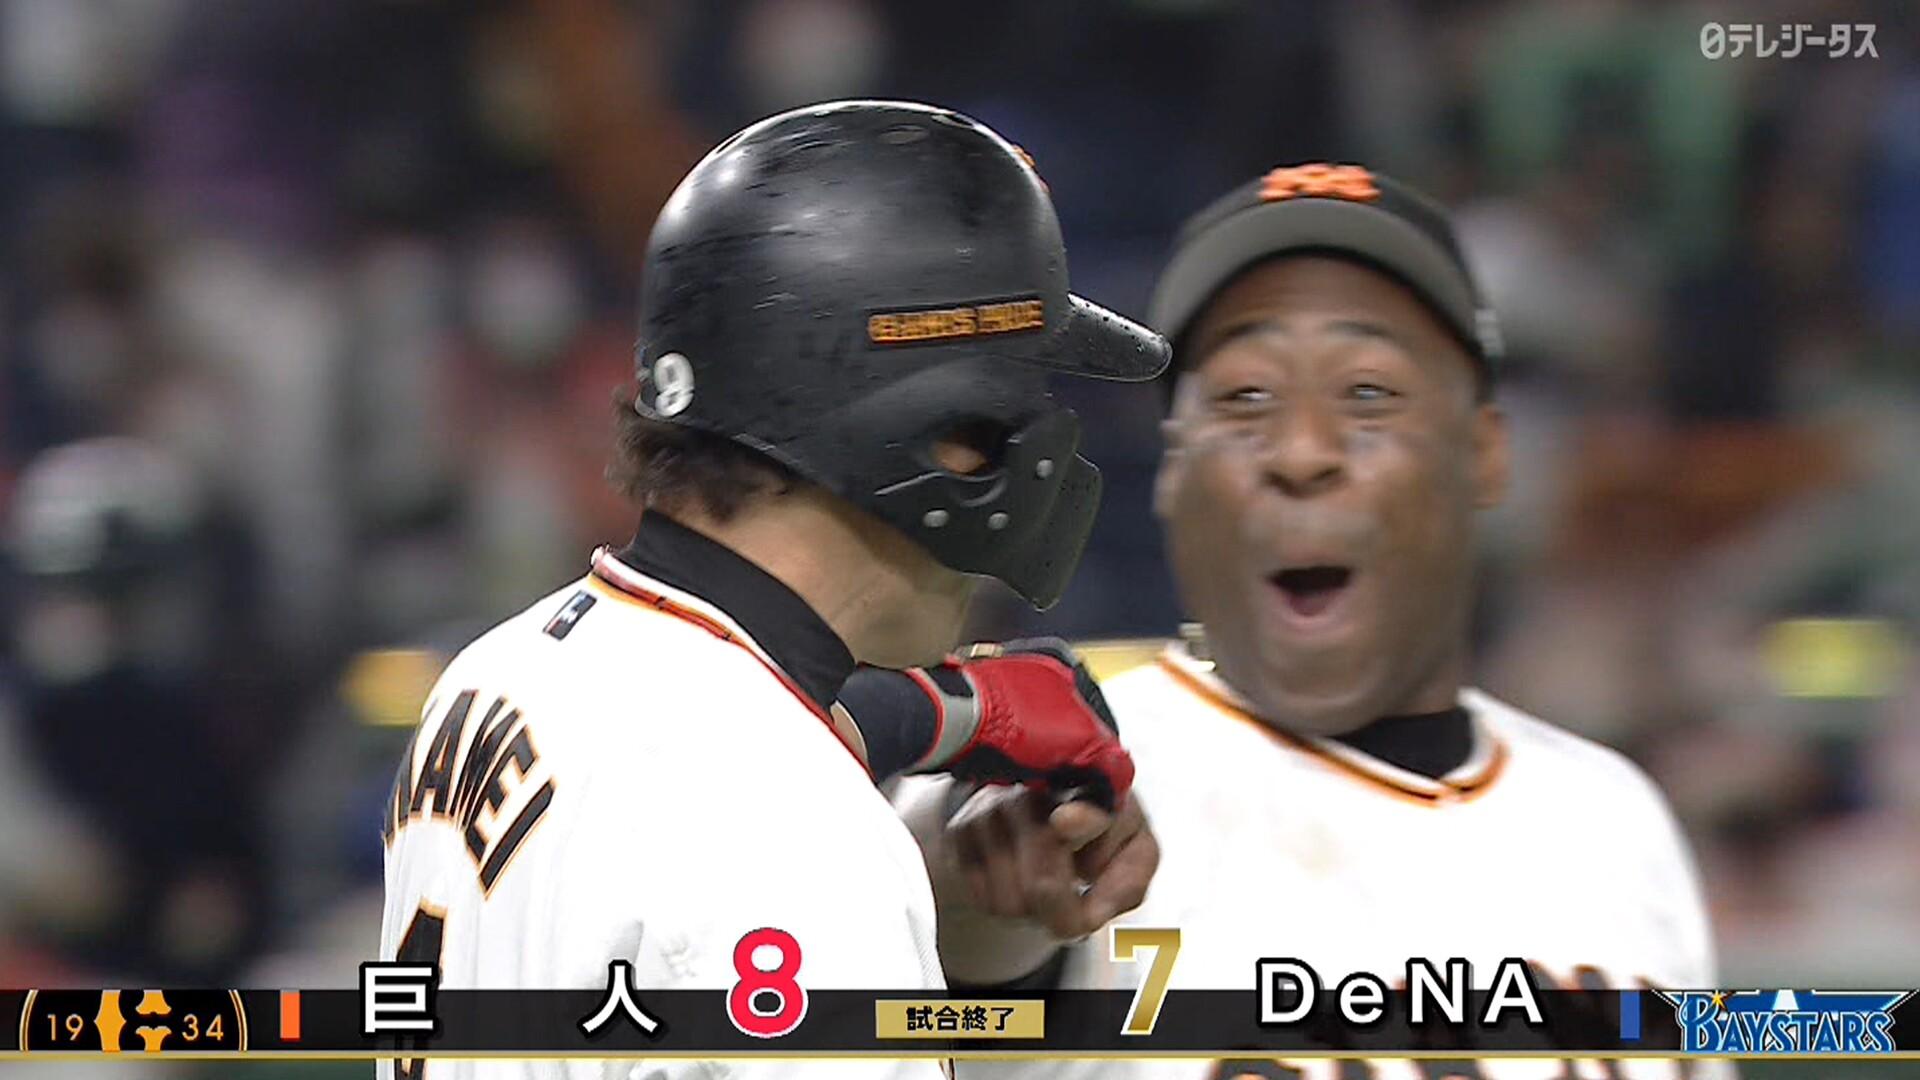 巨人・亀井、劇的代打サヨナラホームラン! 「今シーズン一番の当たりでした」